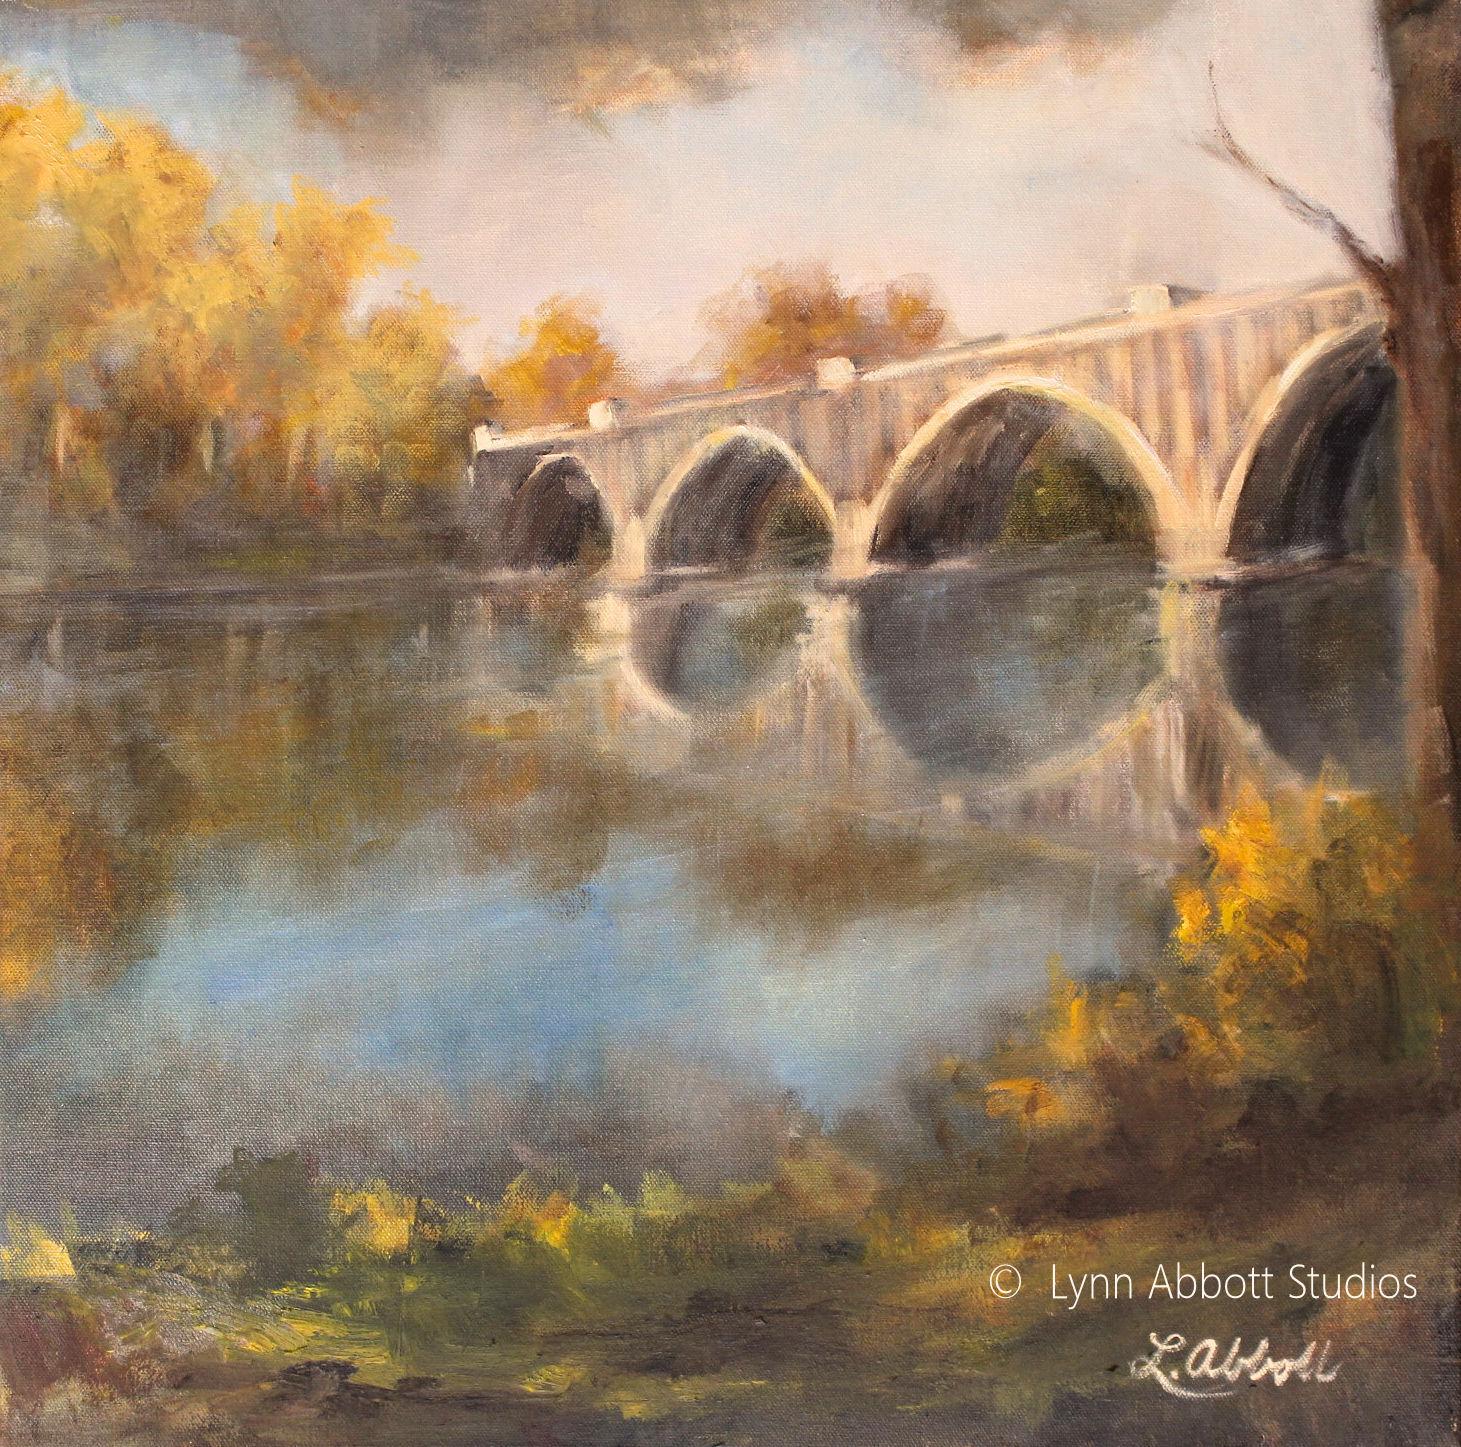 AuAlong the Rappahannock, L. Abbott